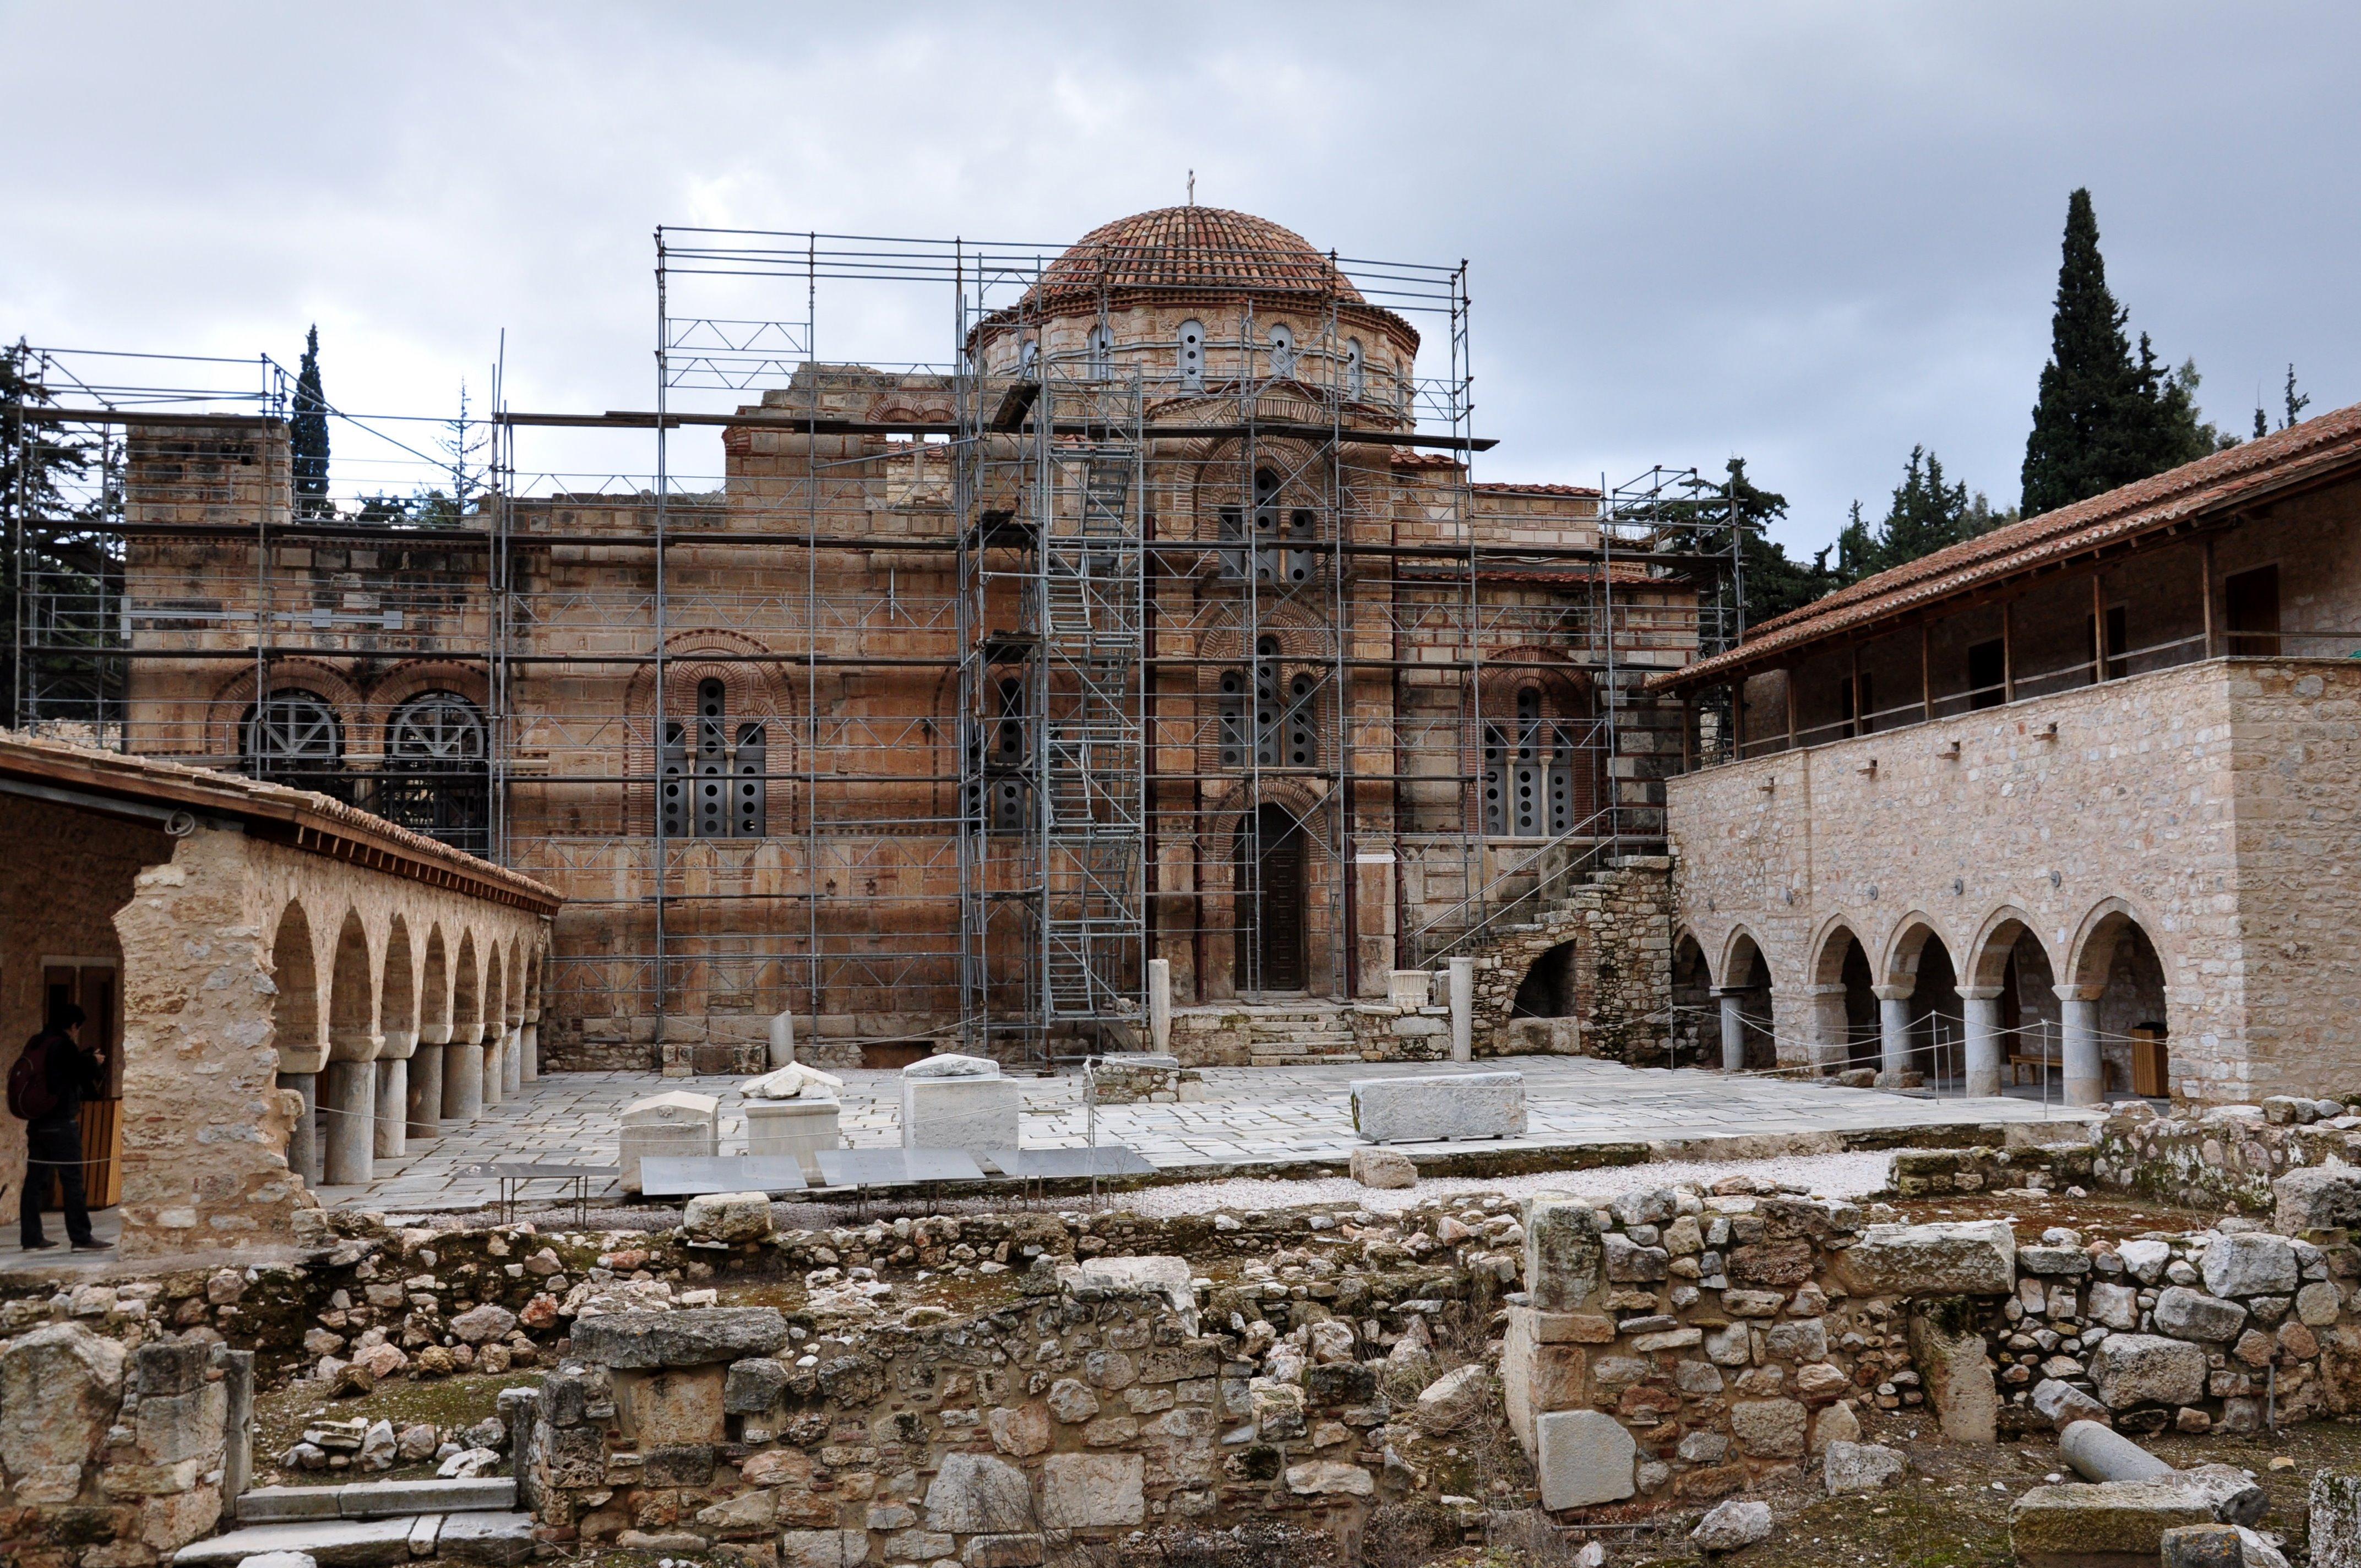 Μονή Δαφνίου: Το απόλυτο βυζαντινό αριστούργημα στην Αττική, ένα εκ των σπουδαιότερων μνημείων της Μεσογείου! (Photos)